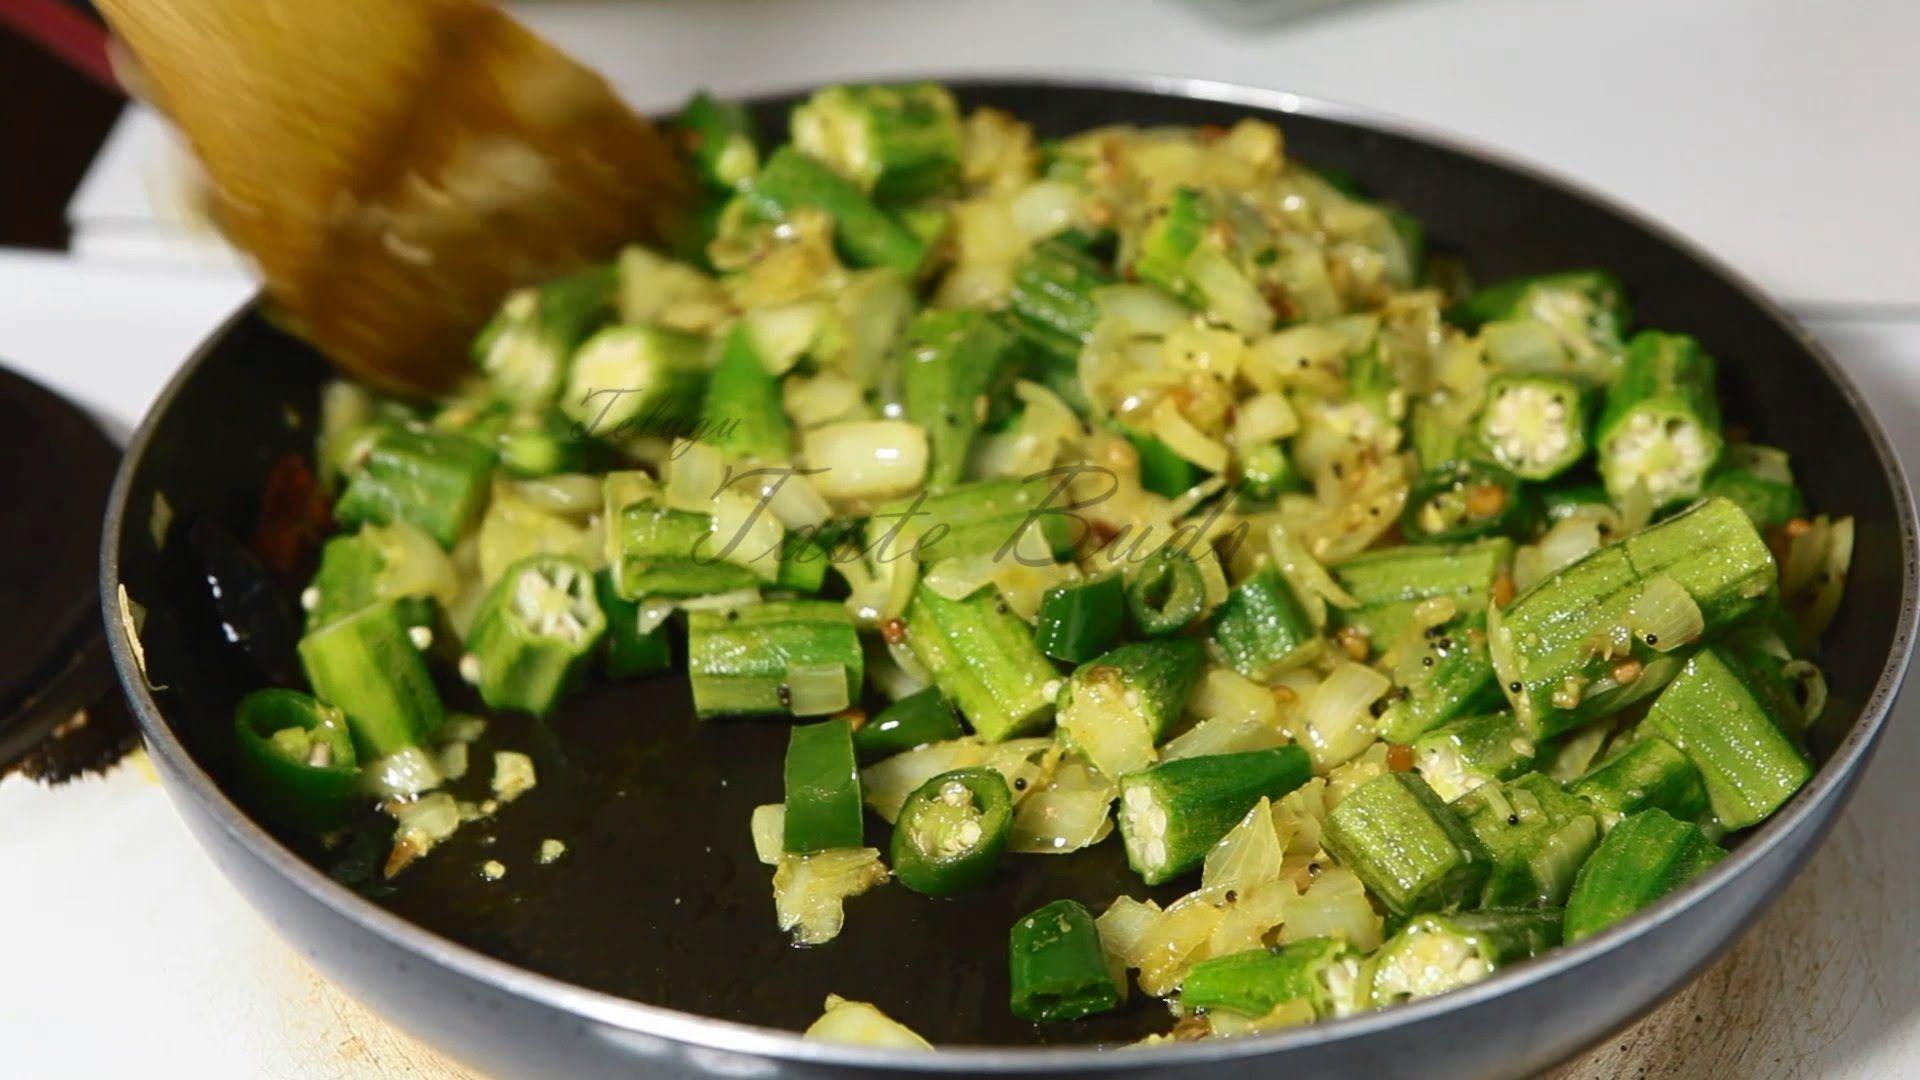 Bendakaya Tomato curry / iguru Bhindi Tomato curry